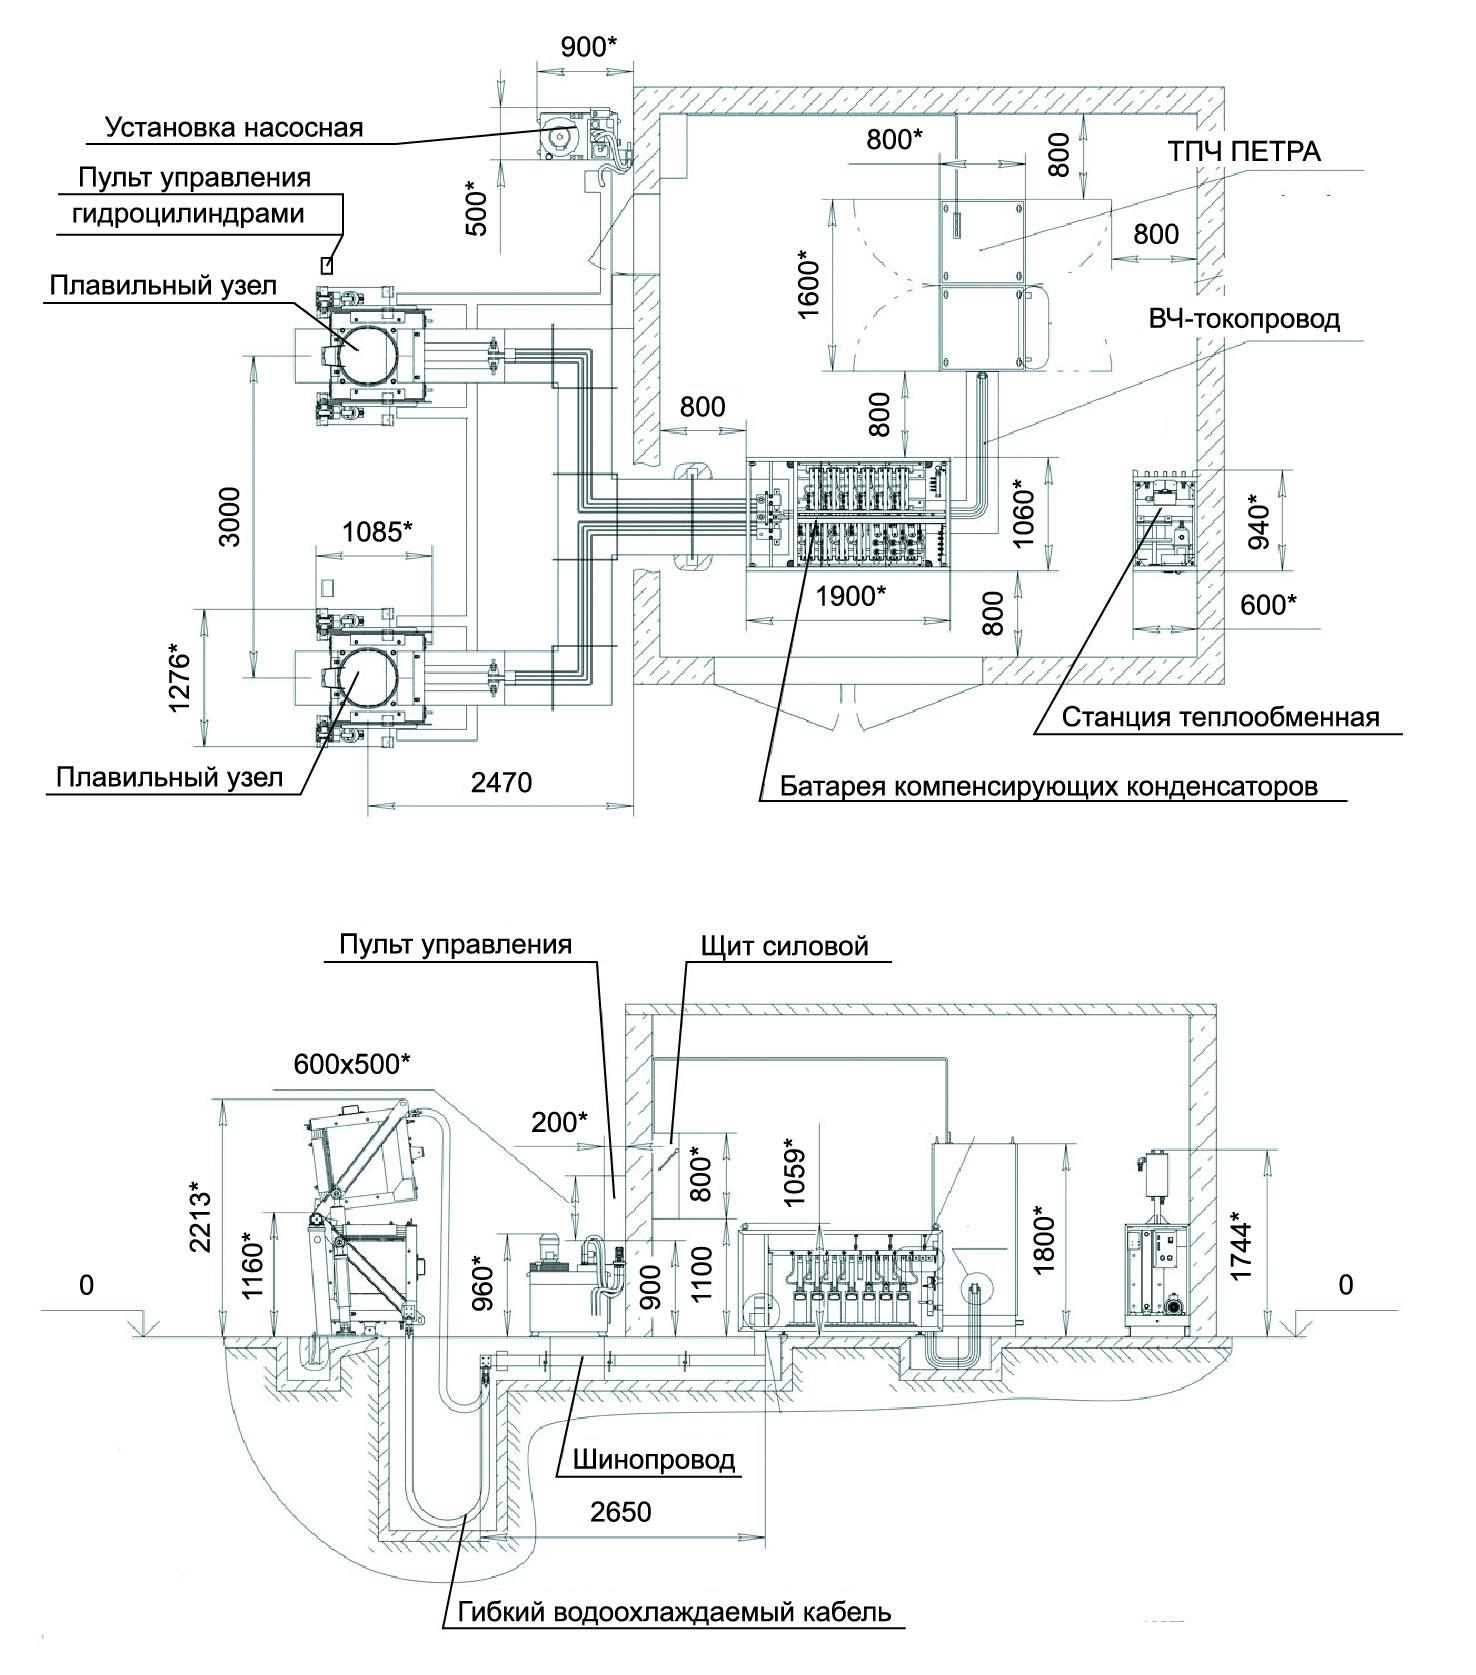 Установка плавильная индукционных печей с преобразователем частоты «Петра»